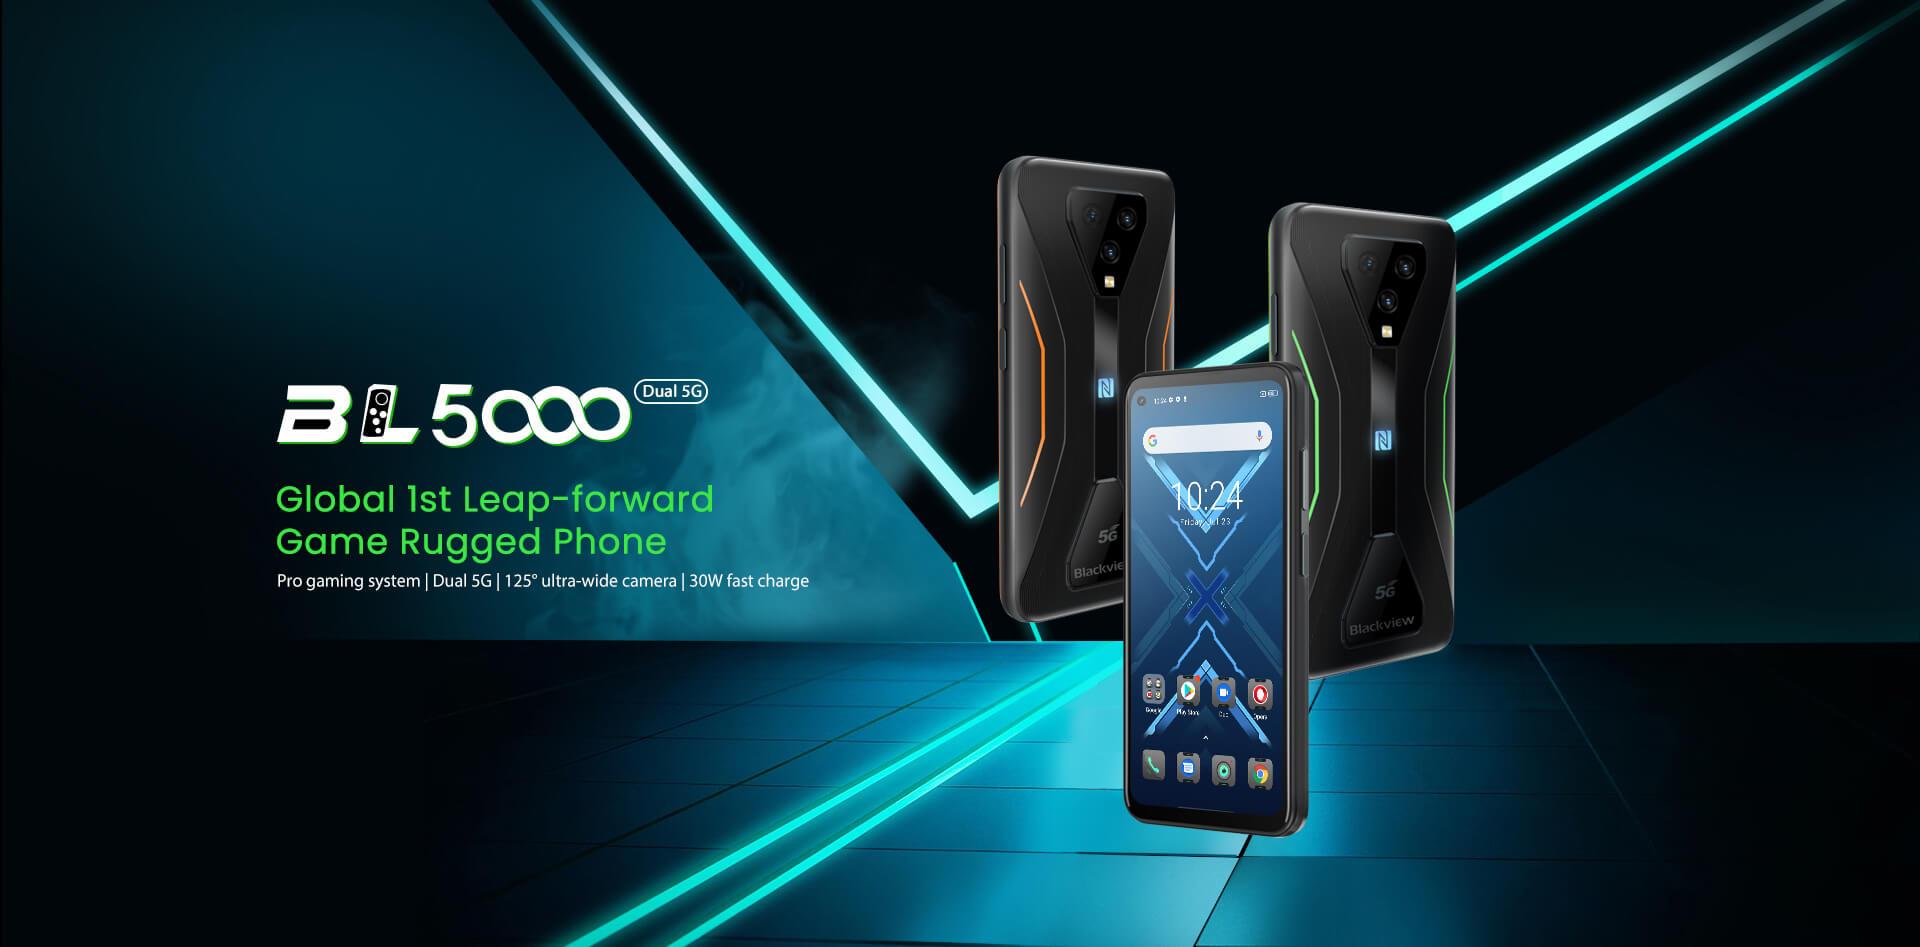 Мировая премьера Blackview BL5000 на AliExpress: 5G-смартфон с защитой IP68, NFC и чипом MediaTek Dimensity 700 дешевле $280